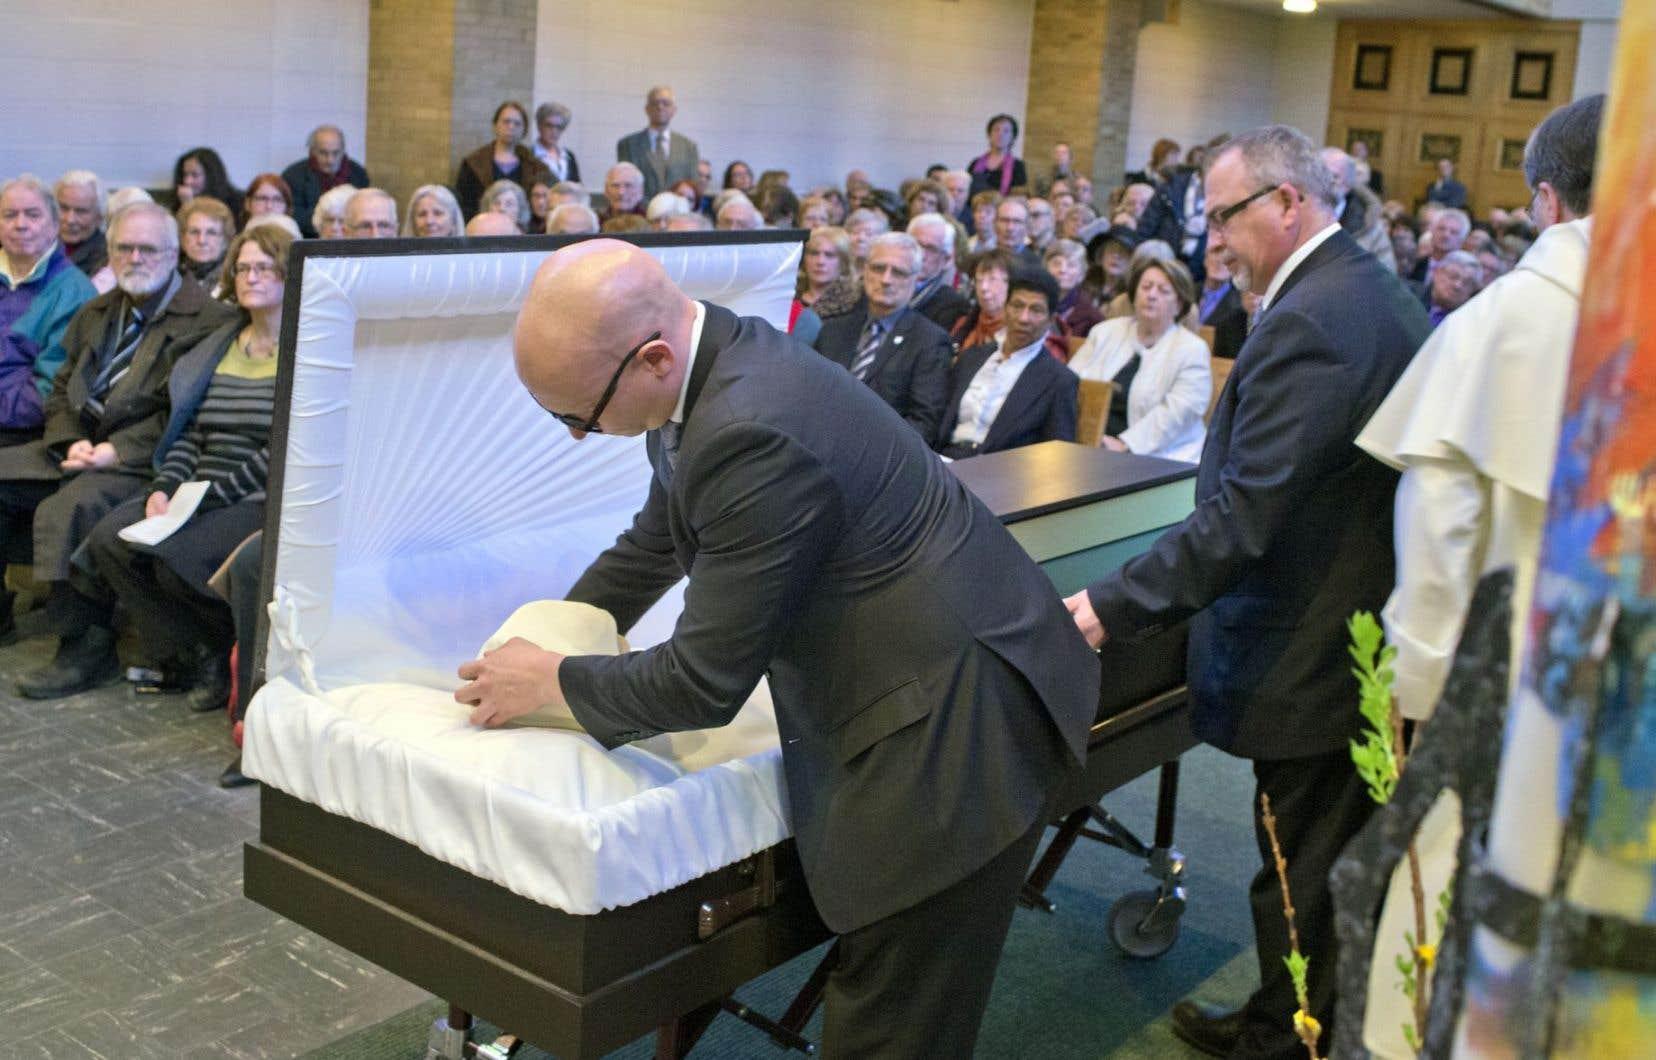 La chapelle était remplie de proches venus rendre hommage au père Lacroix. Son corps a été enveloppé à la fin de la cérémonie.